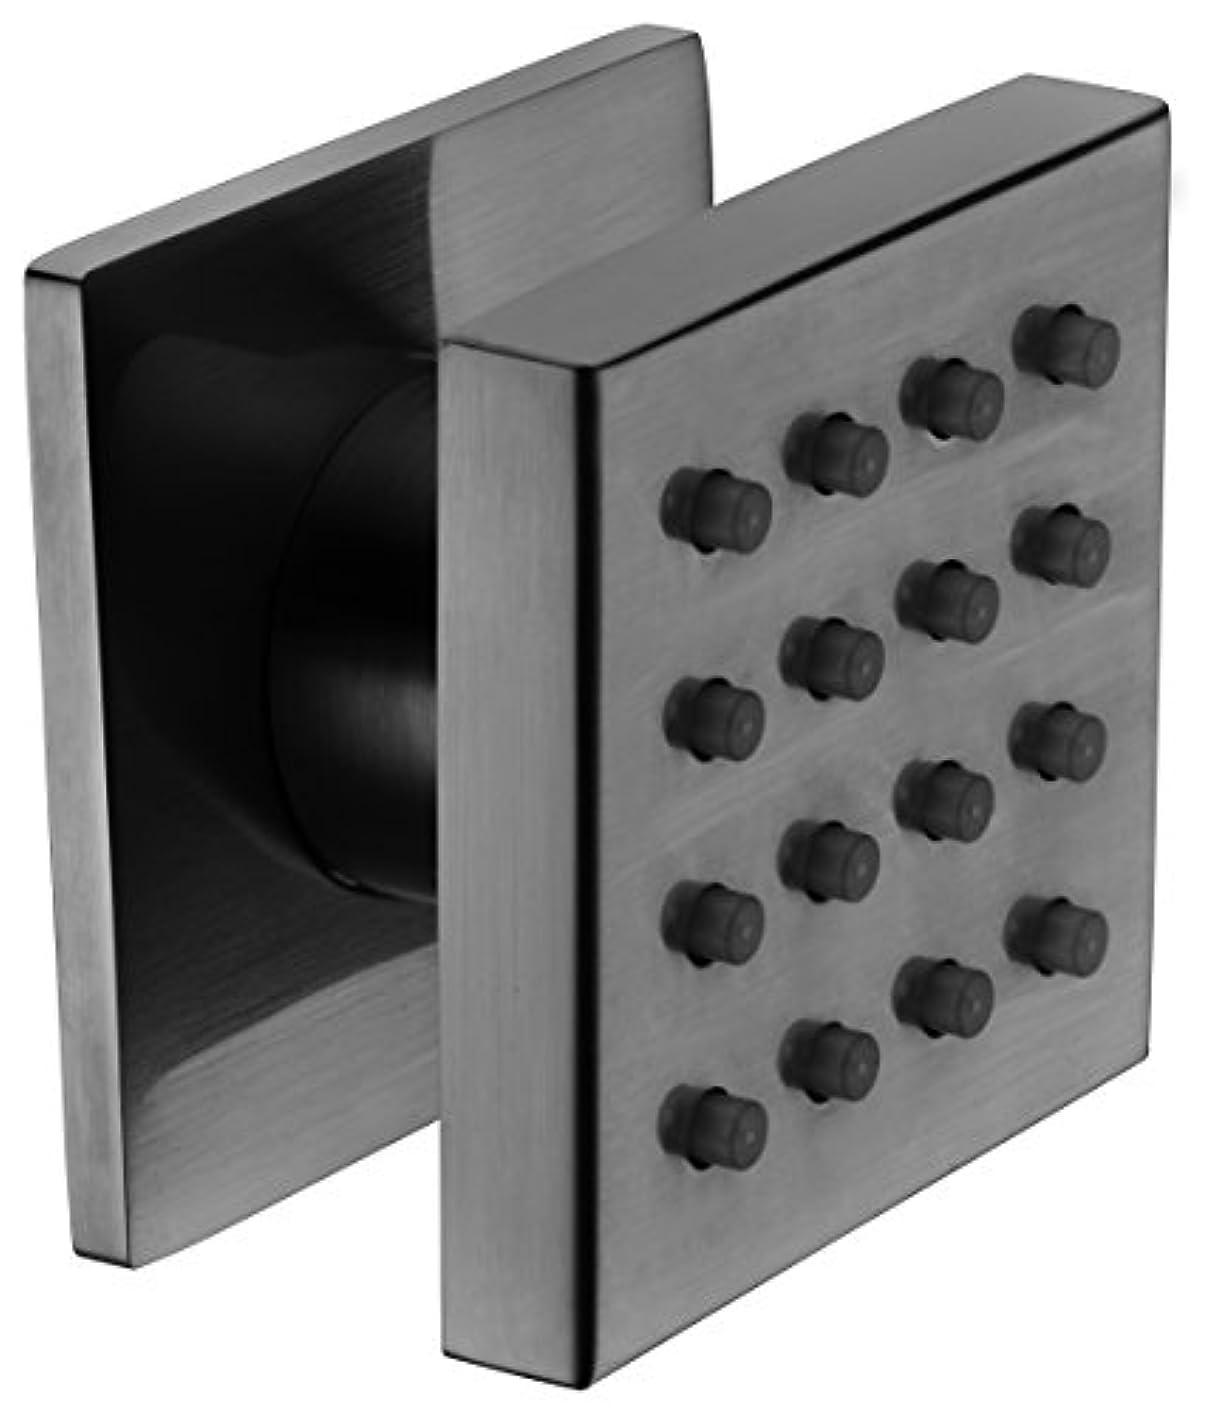 俳句酸化物スポットALFI brand AB4501-BN Brushed Nickel Modern Square Adjustable Shower Body Spray